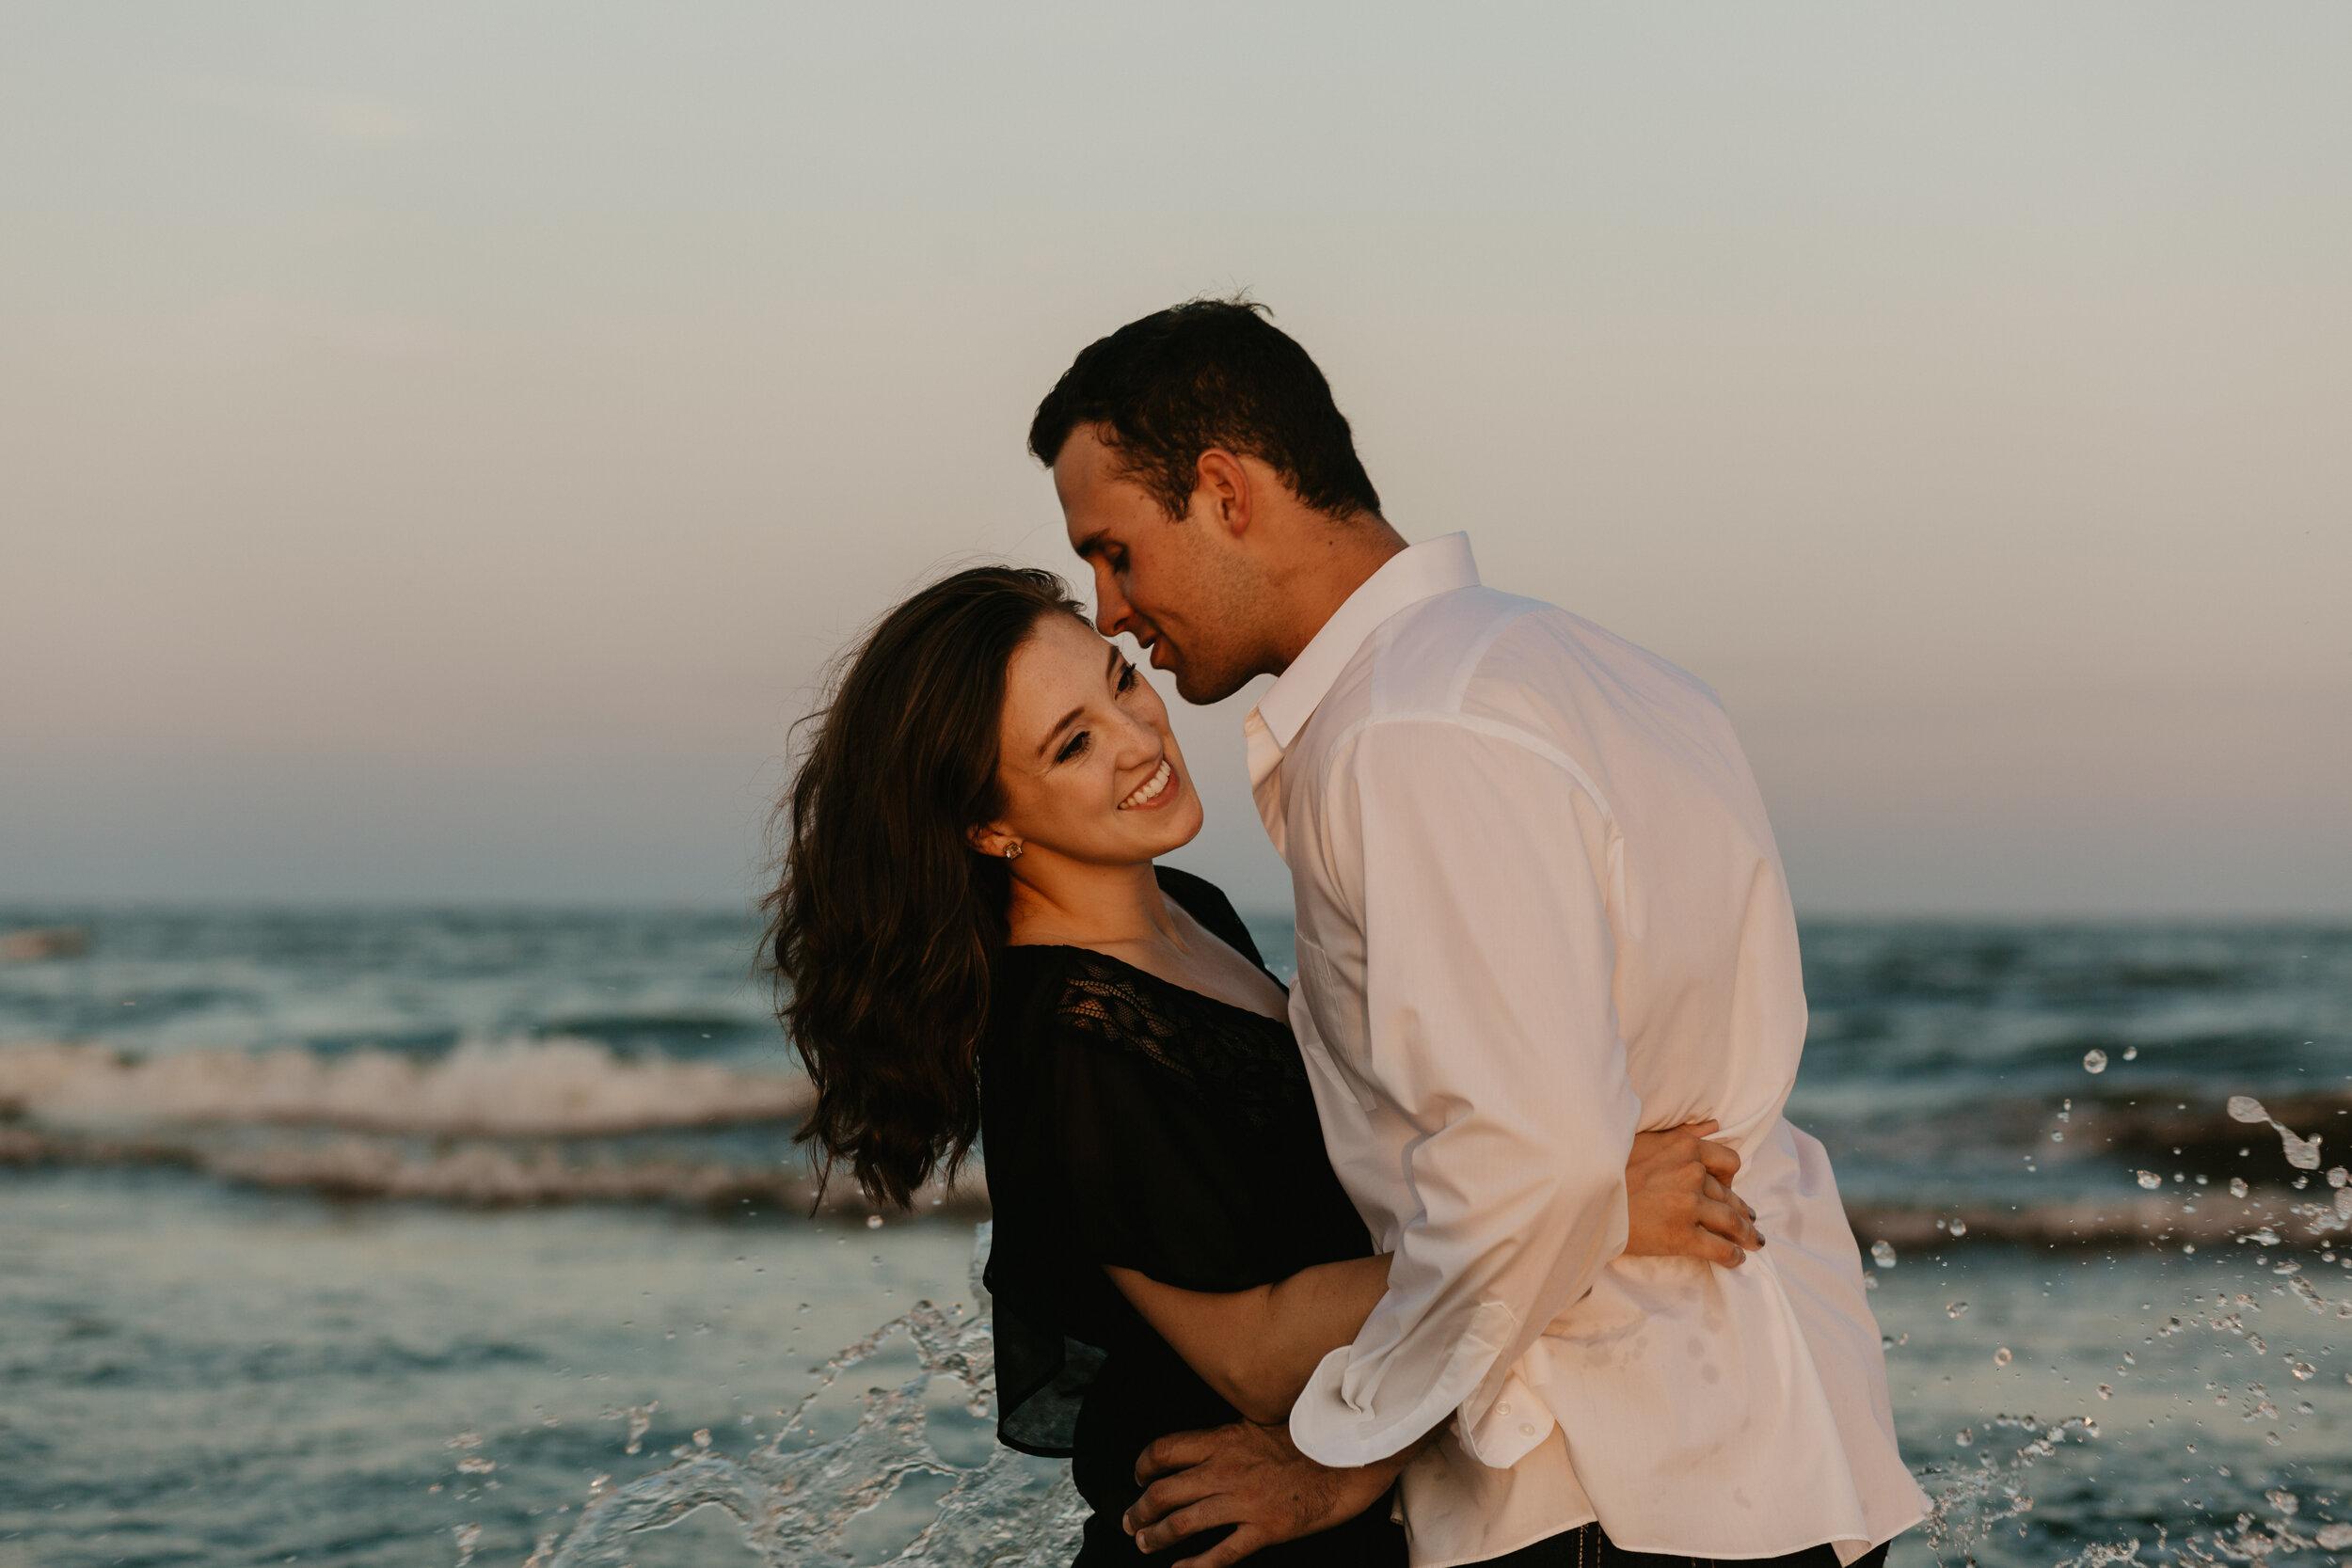 Hannah_and_Ethan_Engagement-44.jpg